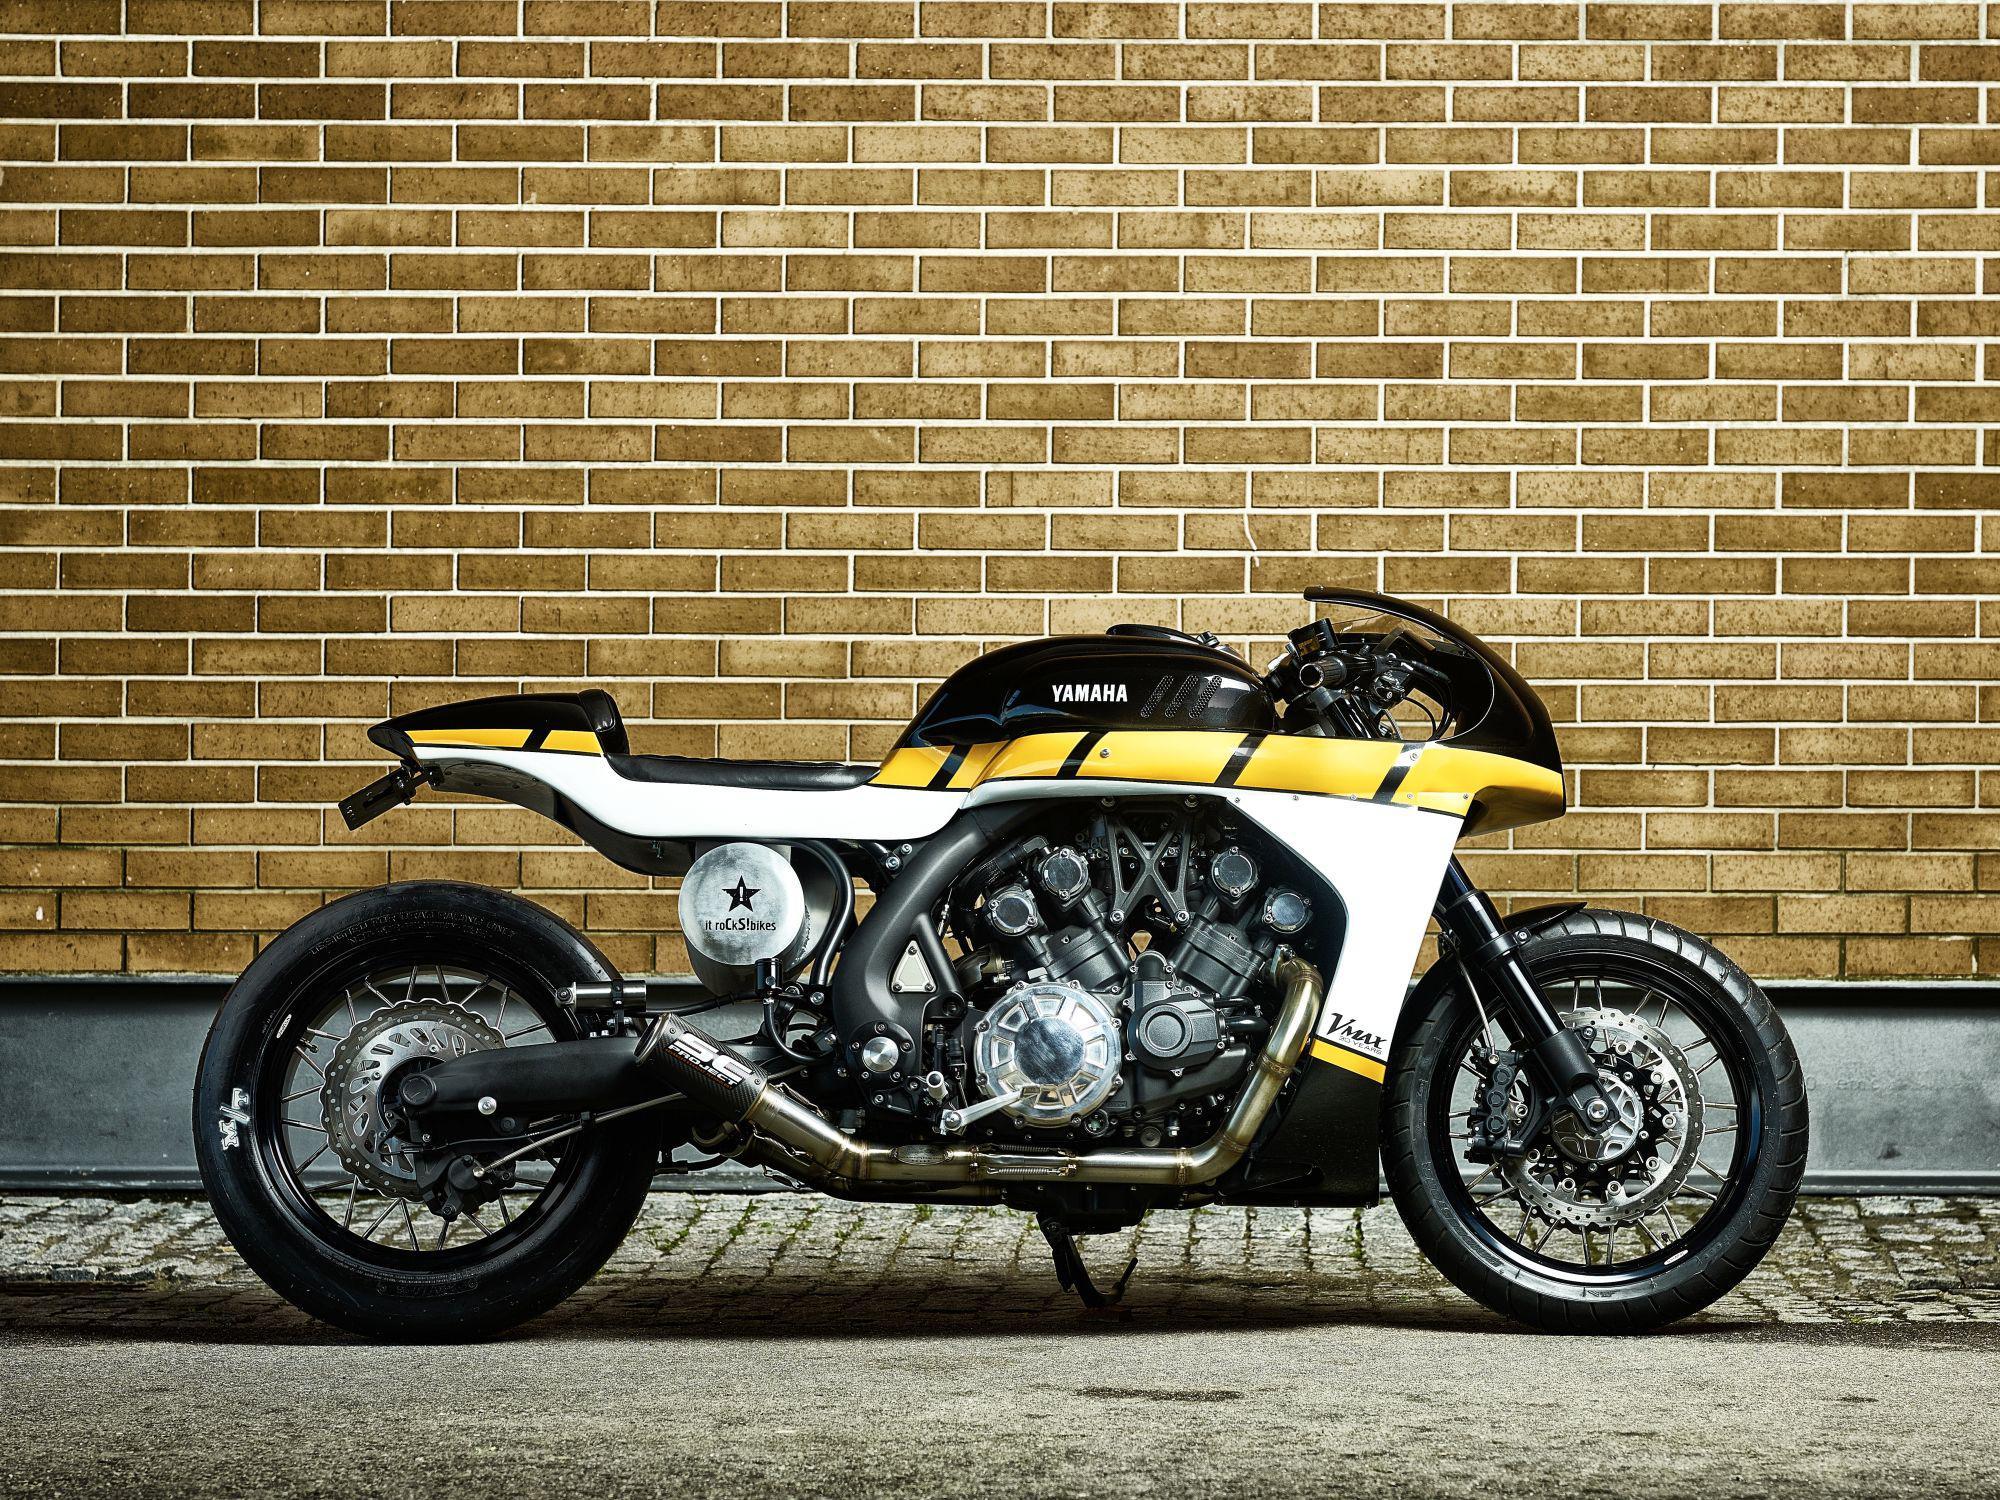 Motorrad Bilder Yamaha V Max